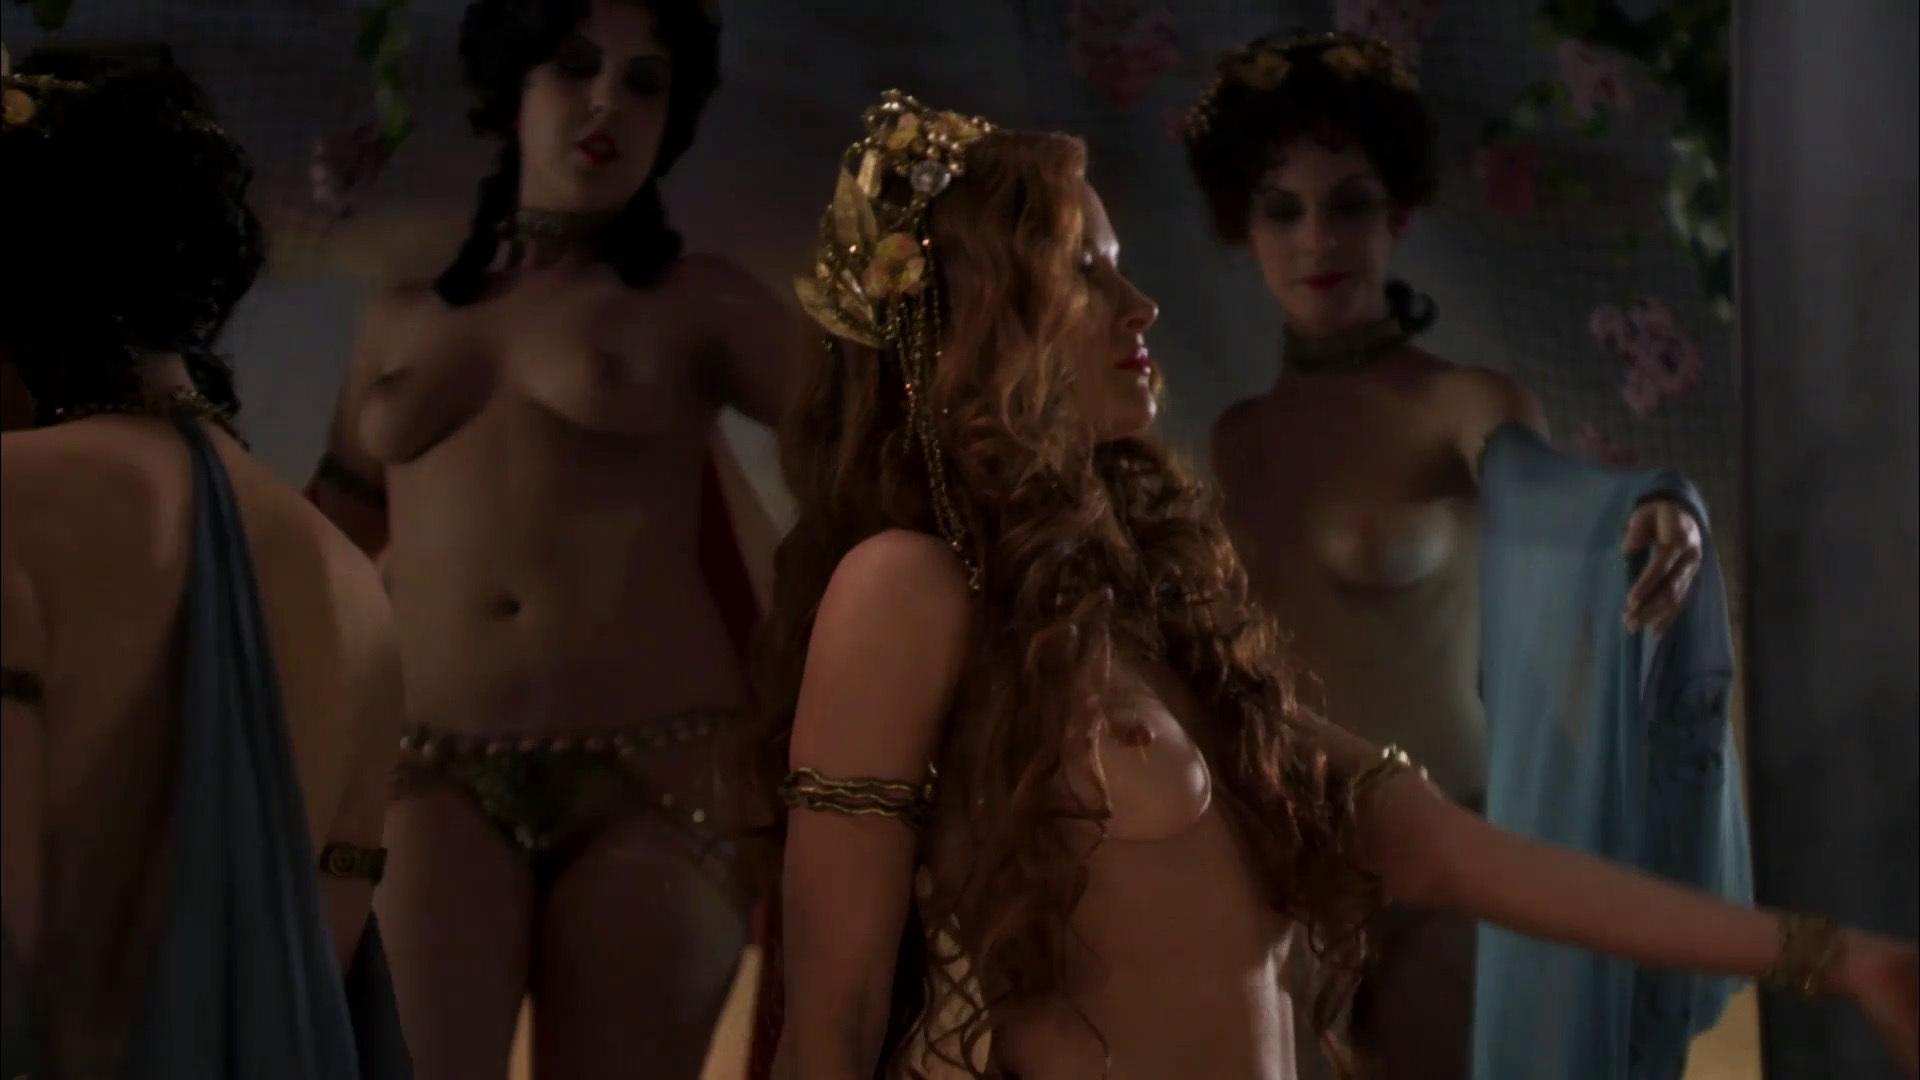 Gretchen Mol - Boardwalk Empire S01E04-05 HD 1080p 05.jpg